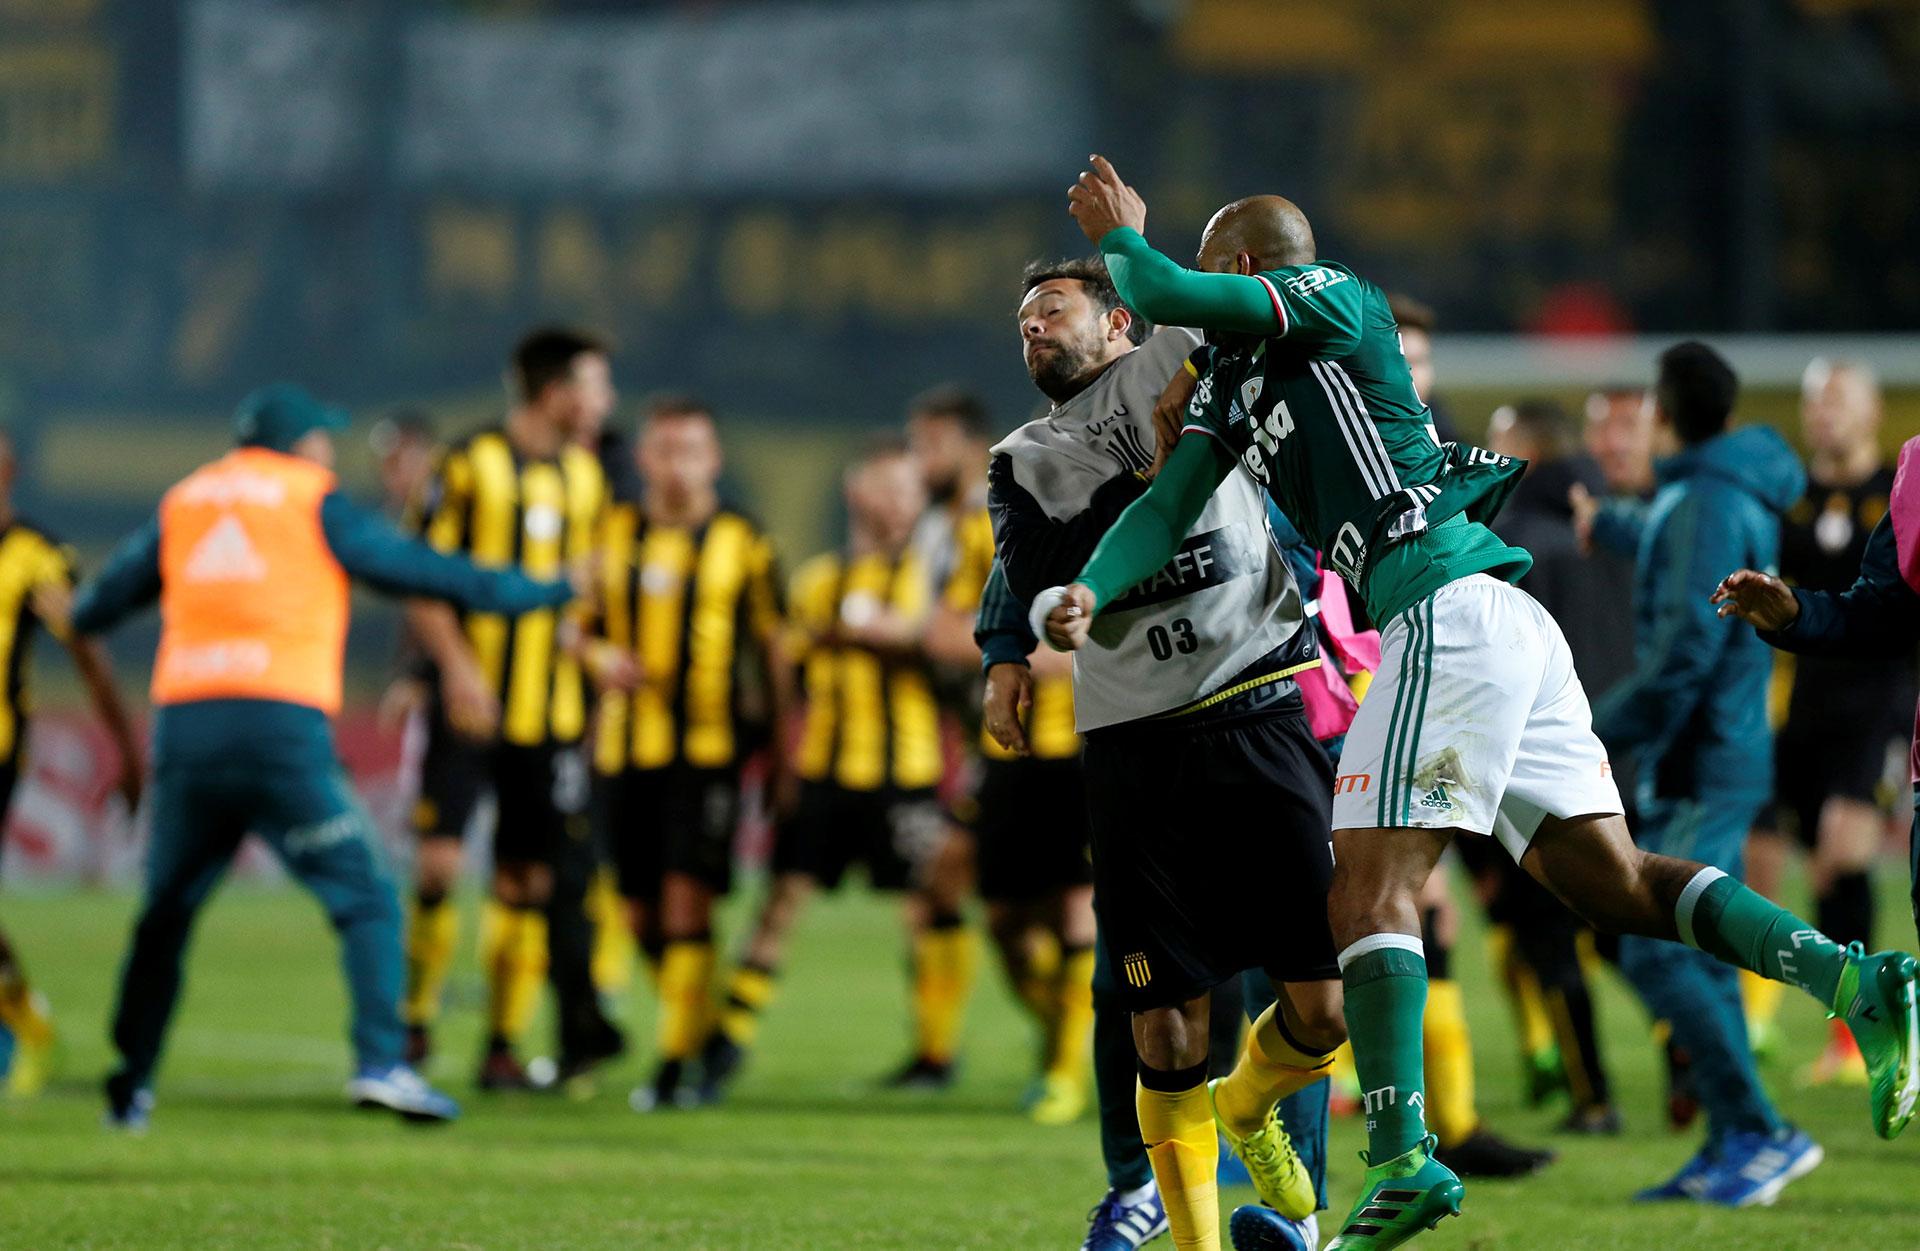 La pelea entre jugadores de Peñarol y Palmeiras se trasladó al túnel de vestuarios(Reuters)